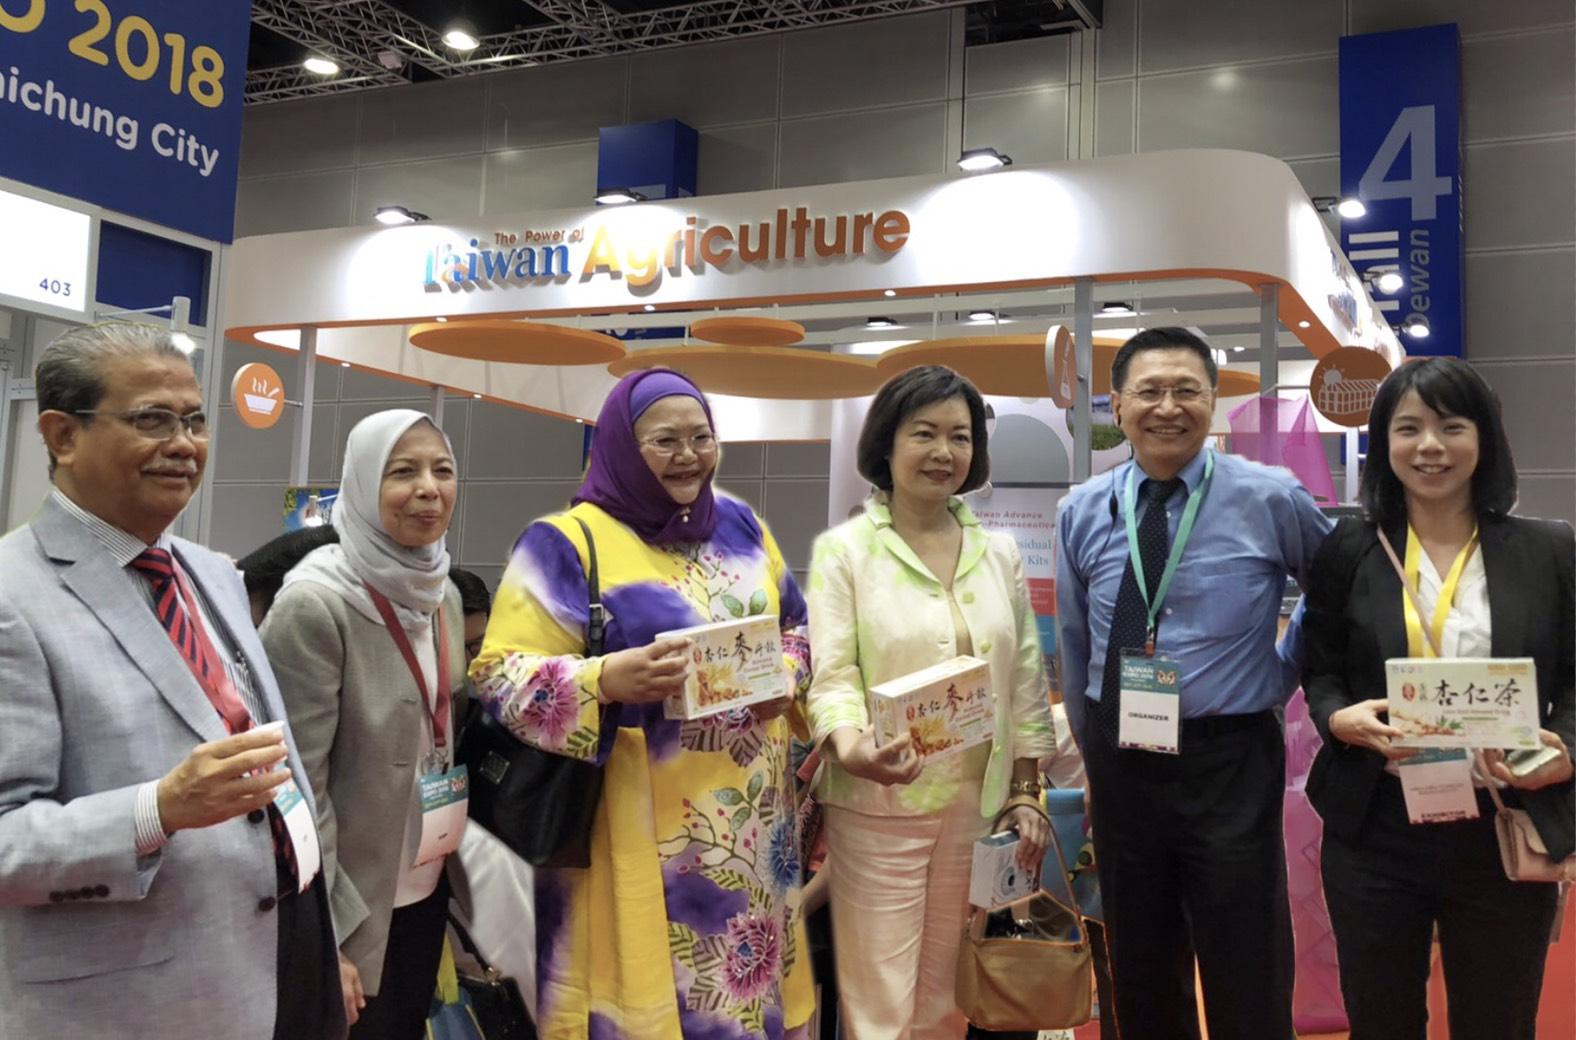 農委會組團參加馬來西亞「臺灣形象展」 開拓新南向農業商機